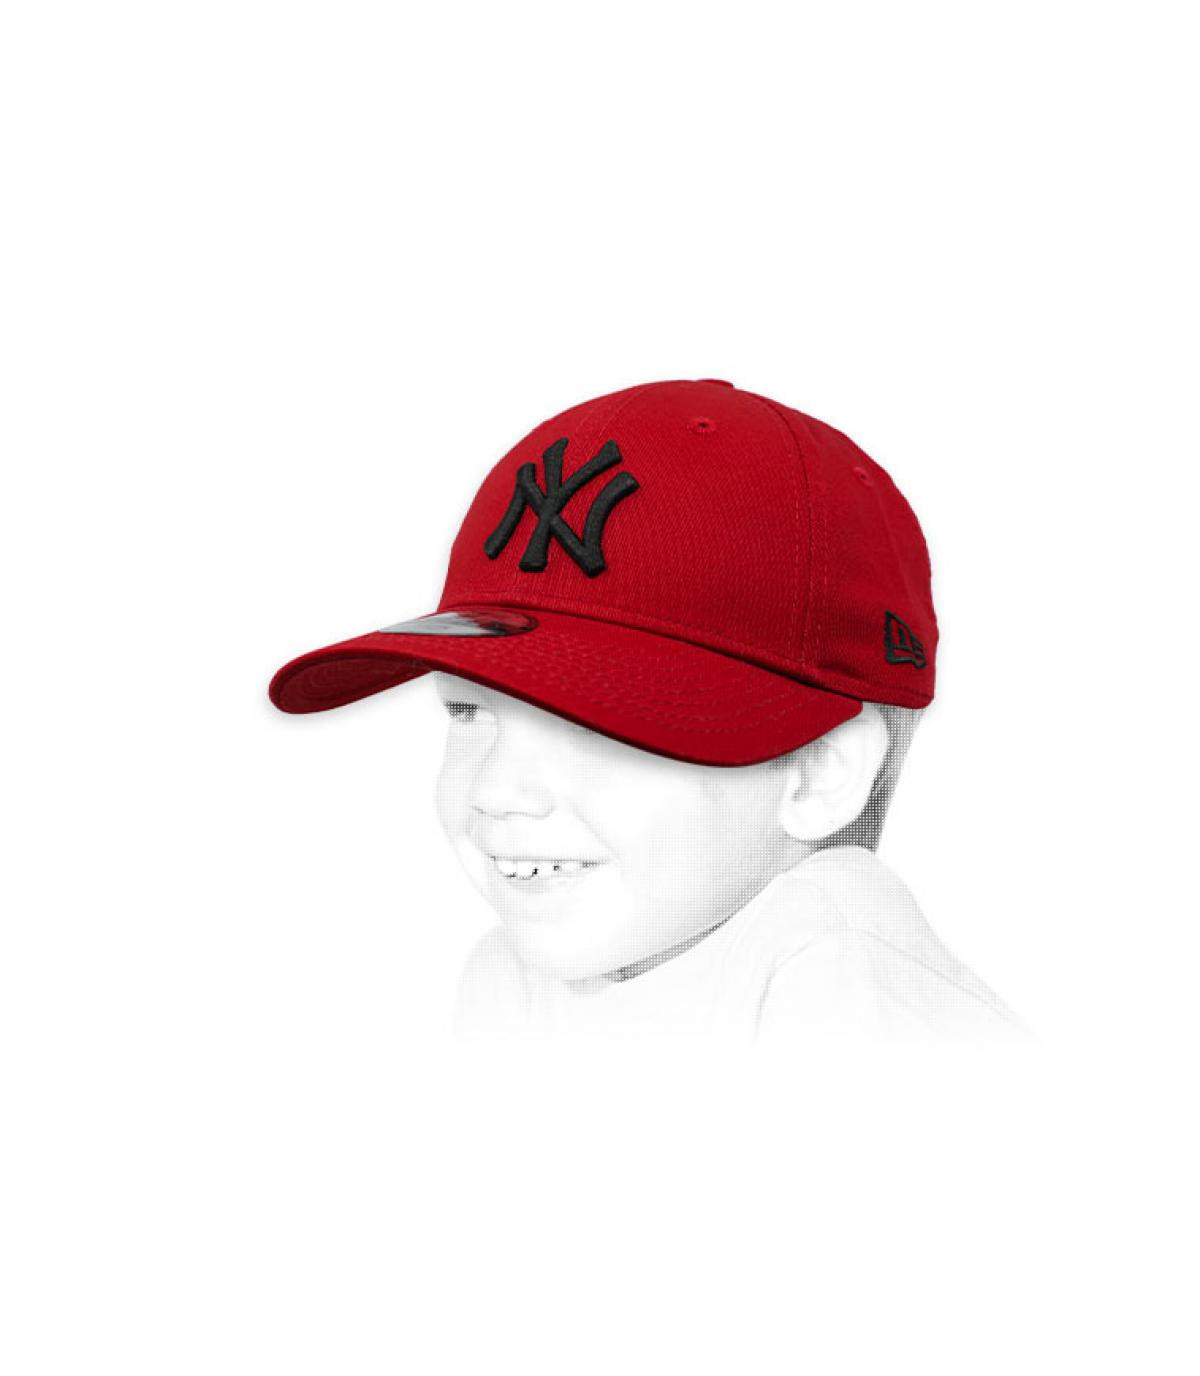 casquette NY enfant bordeaux